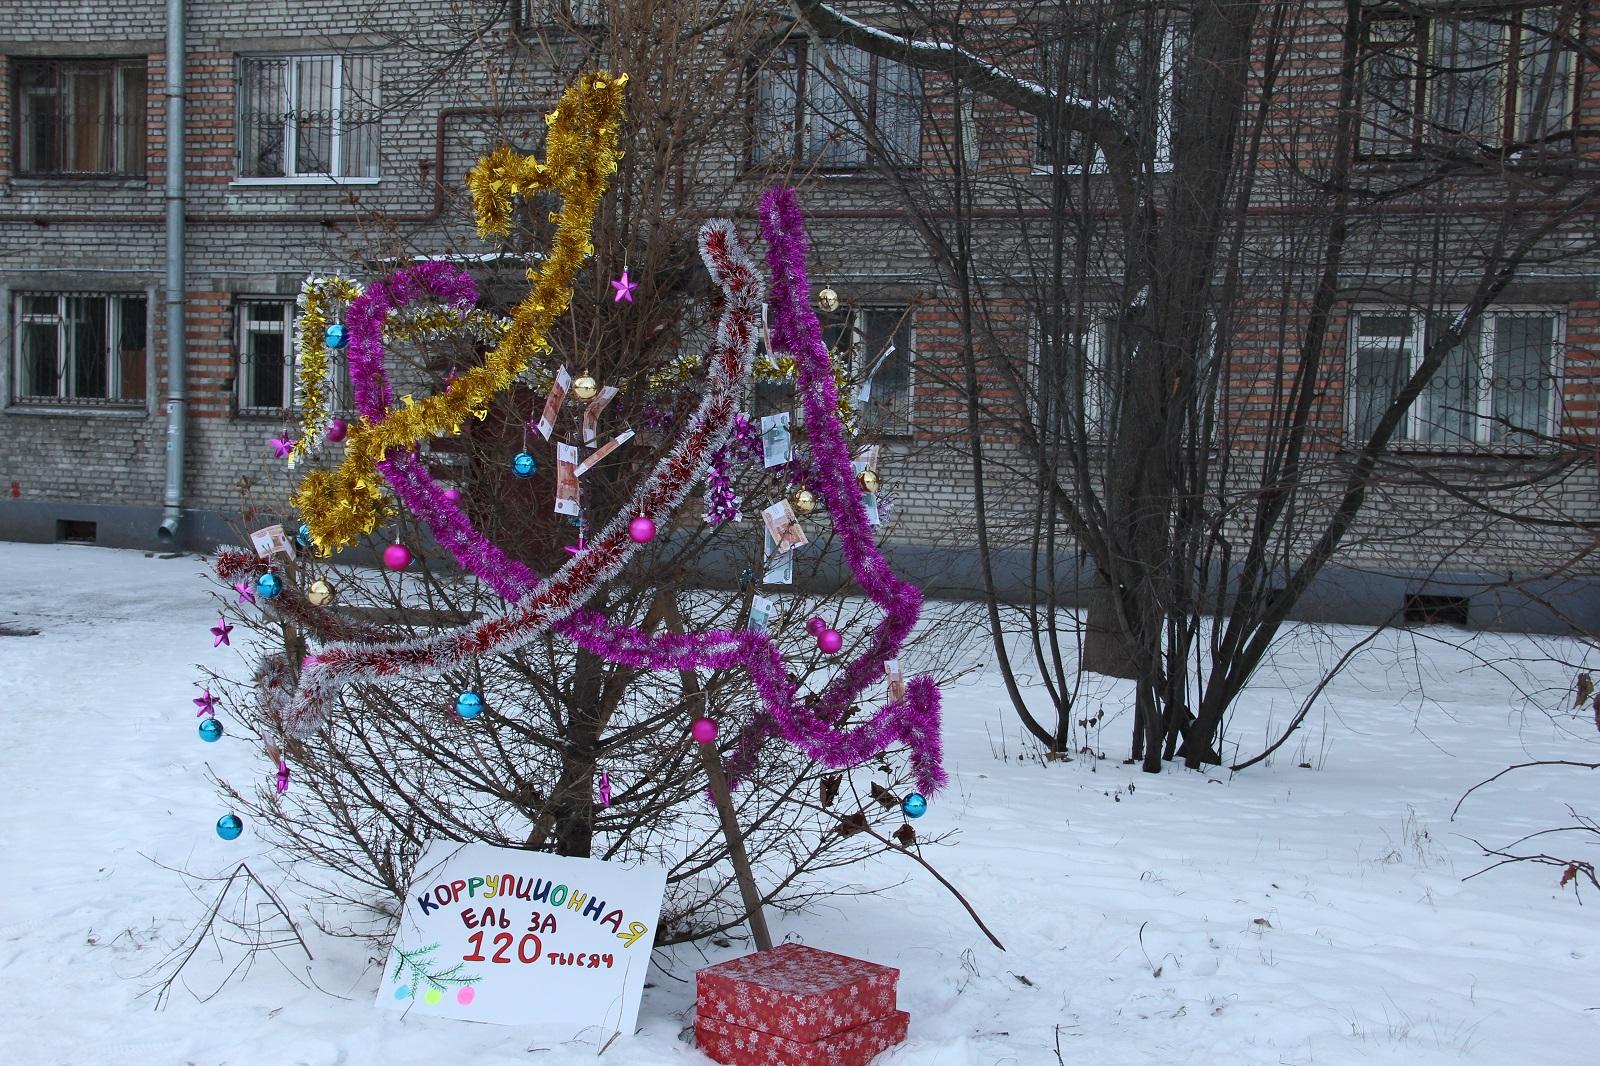 фото ЗакС политика Жители МО Сампсониевское нарядили «коррупционную» ель